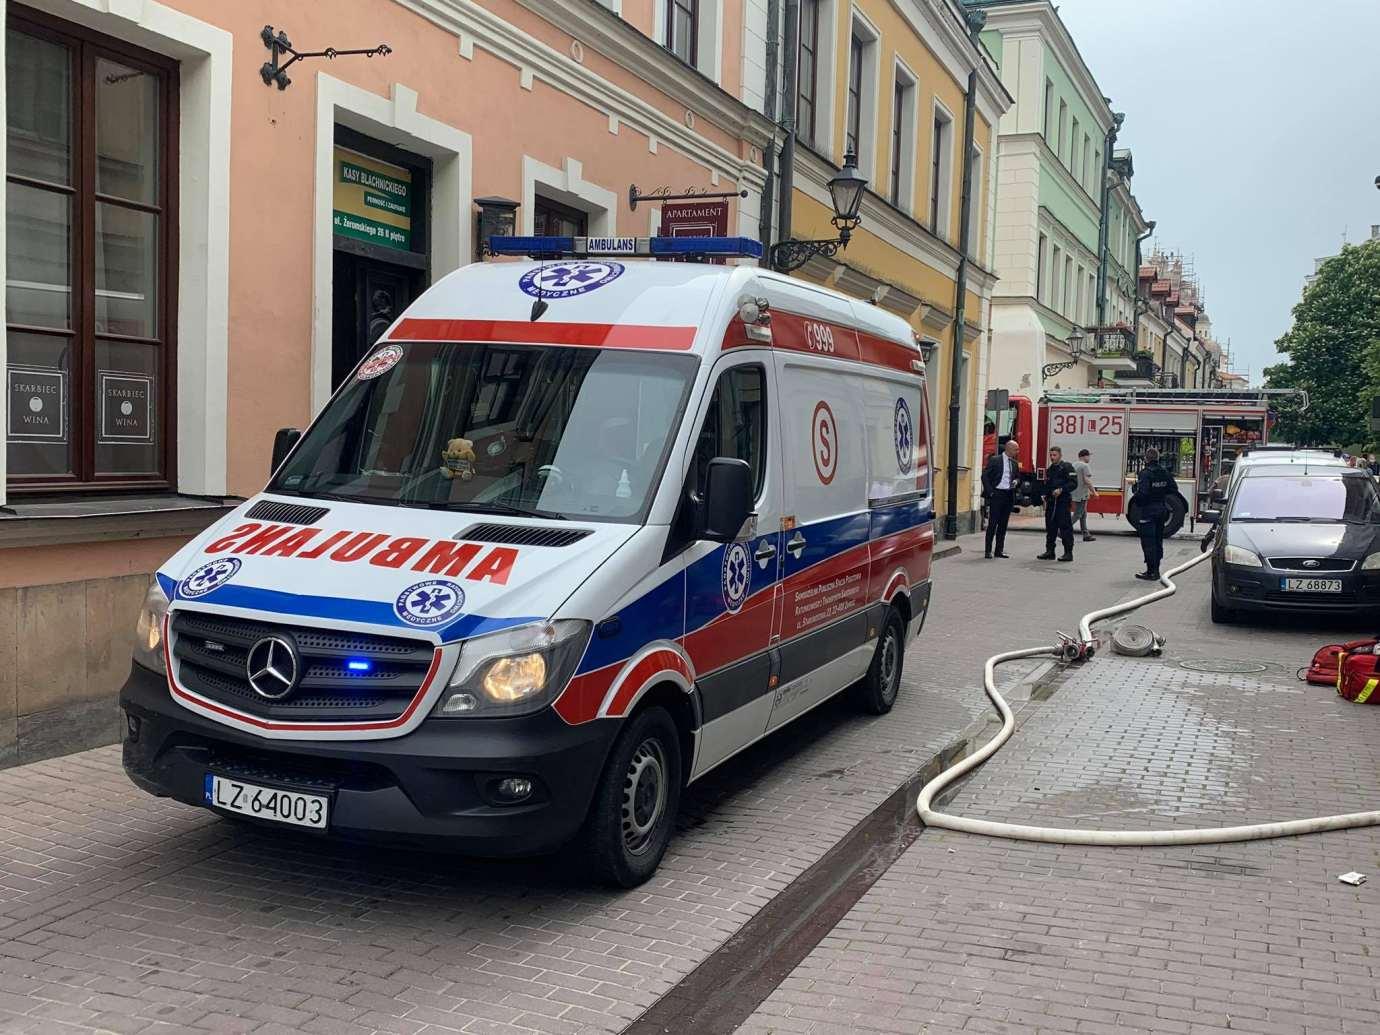 101741824 3015708568522553 3234073540248469504 n Zamość: Pożar przy ul. Żeromskiego. Policjant ewakuował mężczyznę z zadymionego mieszkania